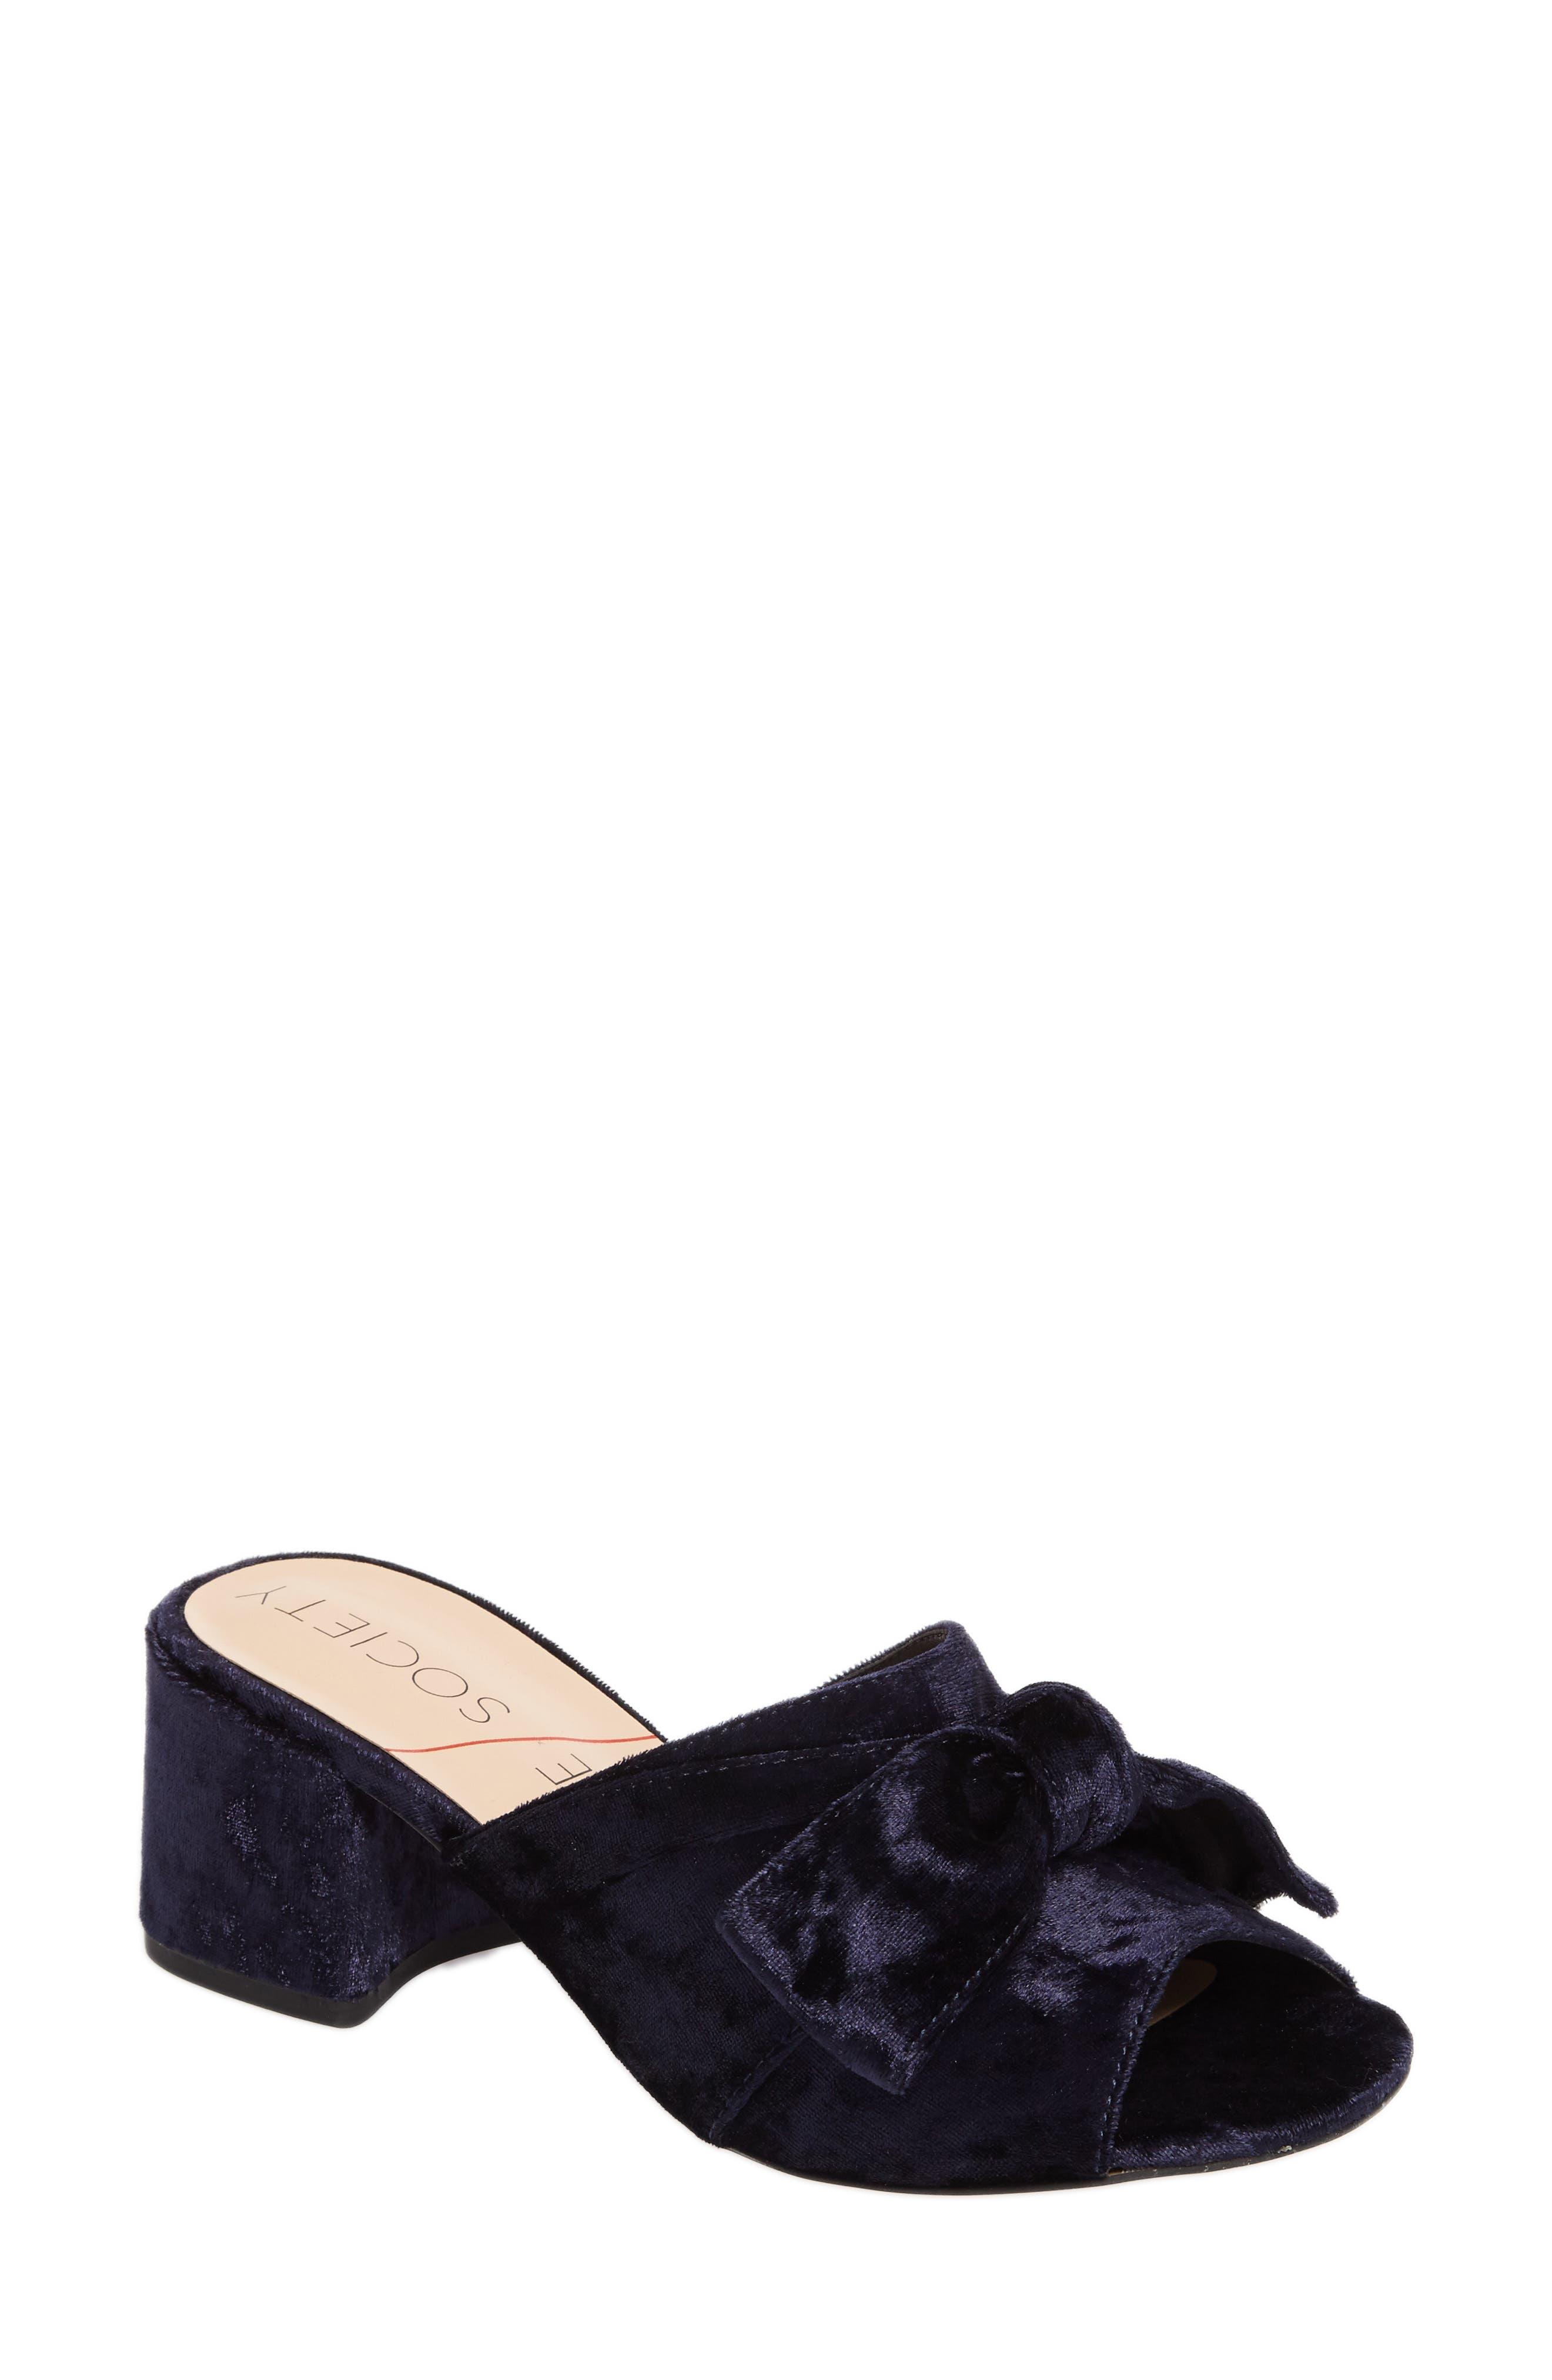 Cece Mule Sandal,                             Main thumbnail 2, color,